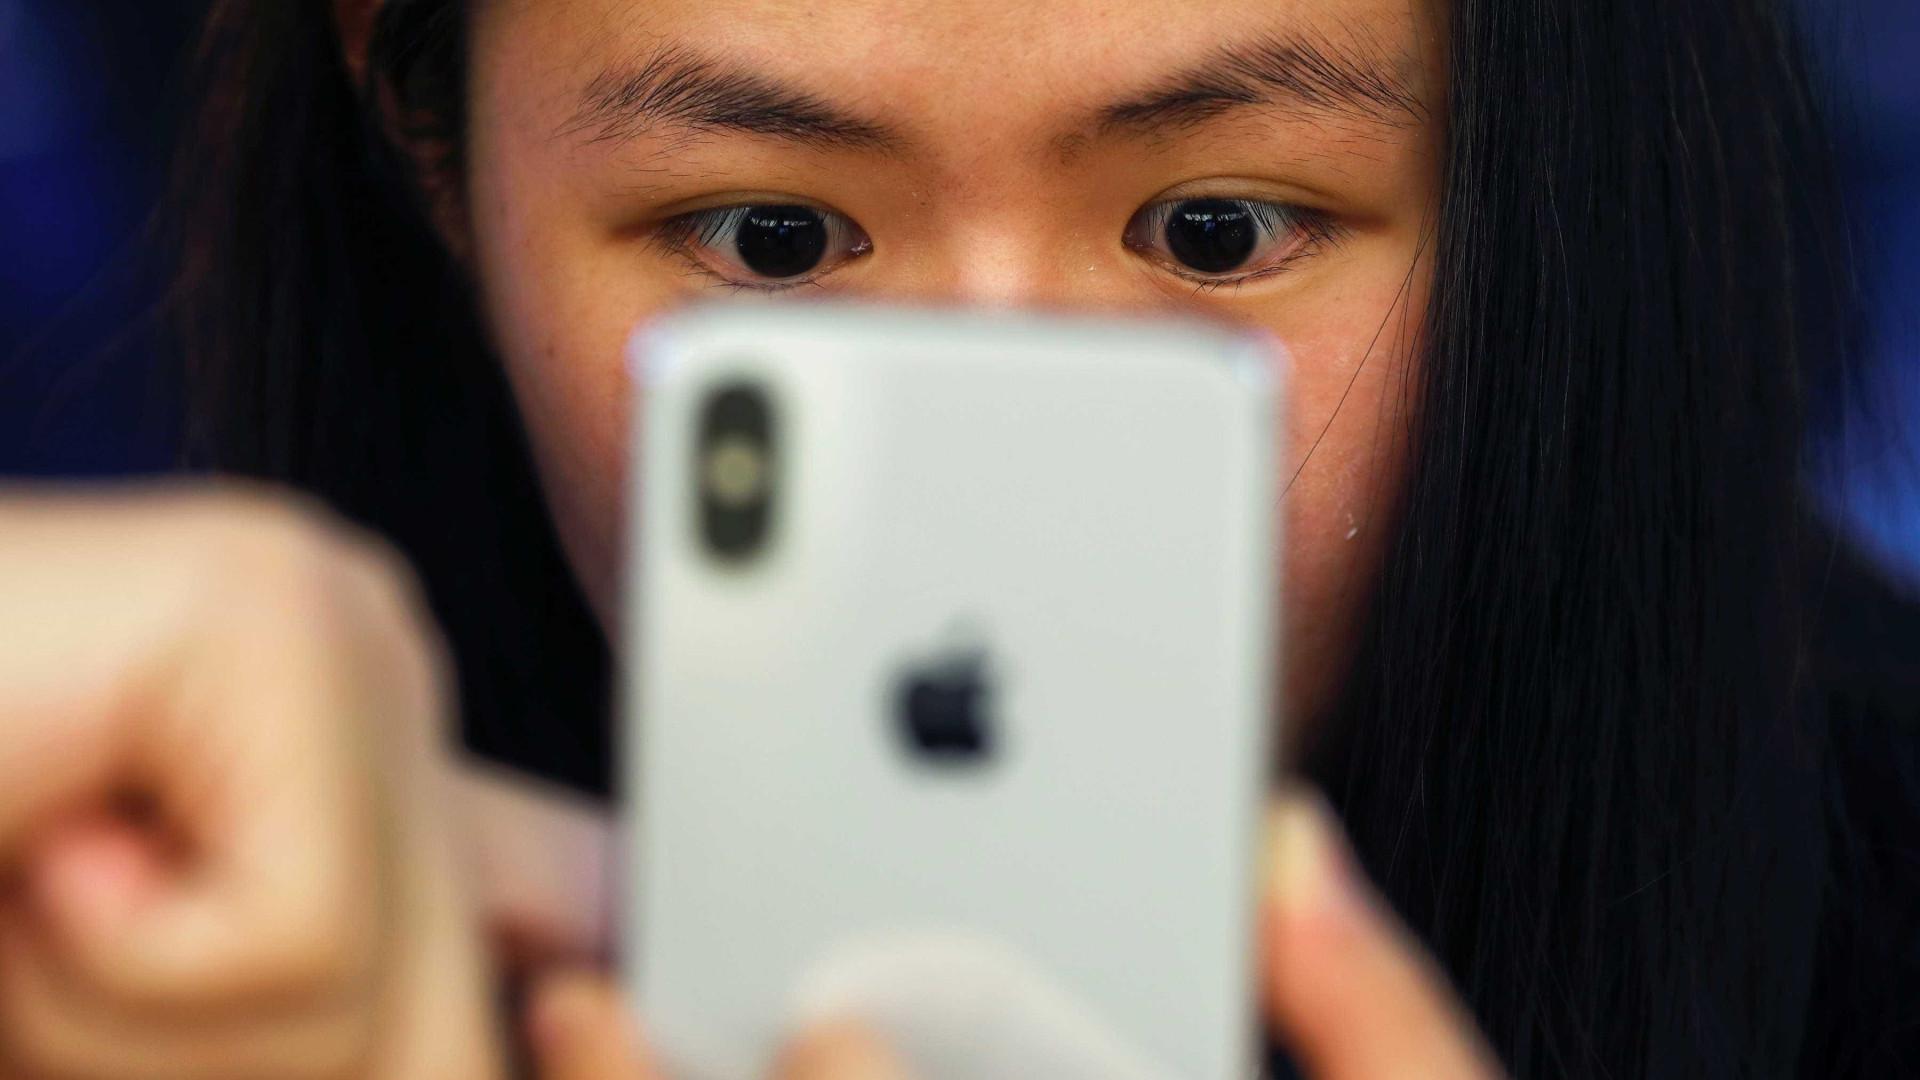 WhatsApp terá integração com vídeos do Instagram e Facebook